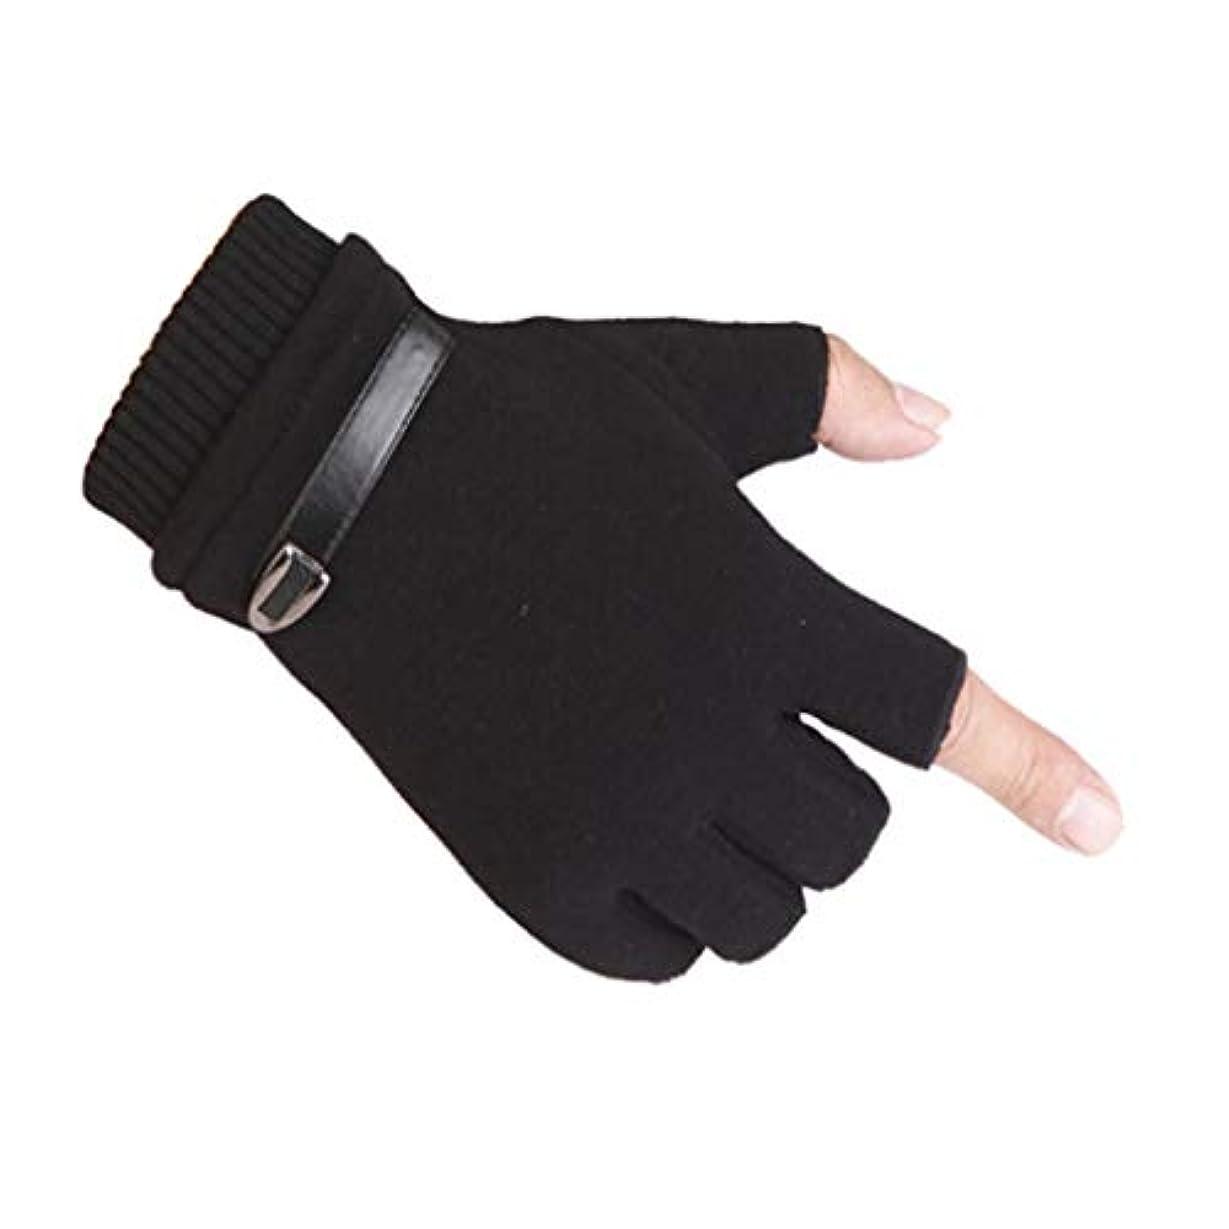 十一時間とともにドラマ秋と冬プラスベルベット肥厚ハーフフィンガー手袋男性と女性ベルベット生徒は指を離してカップルの手袋黒の男性モデルに乗ってコンピュータタイピングを書くことではない